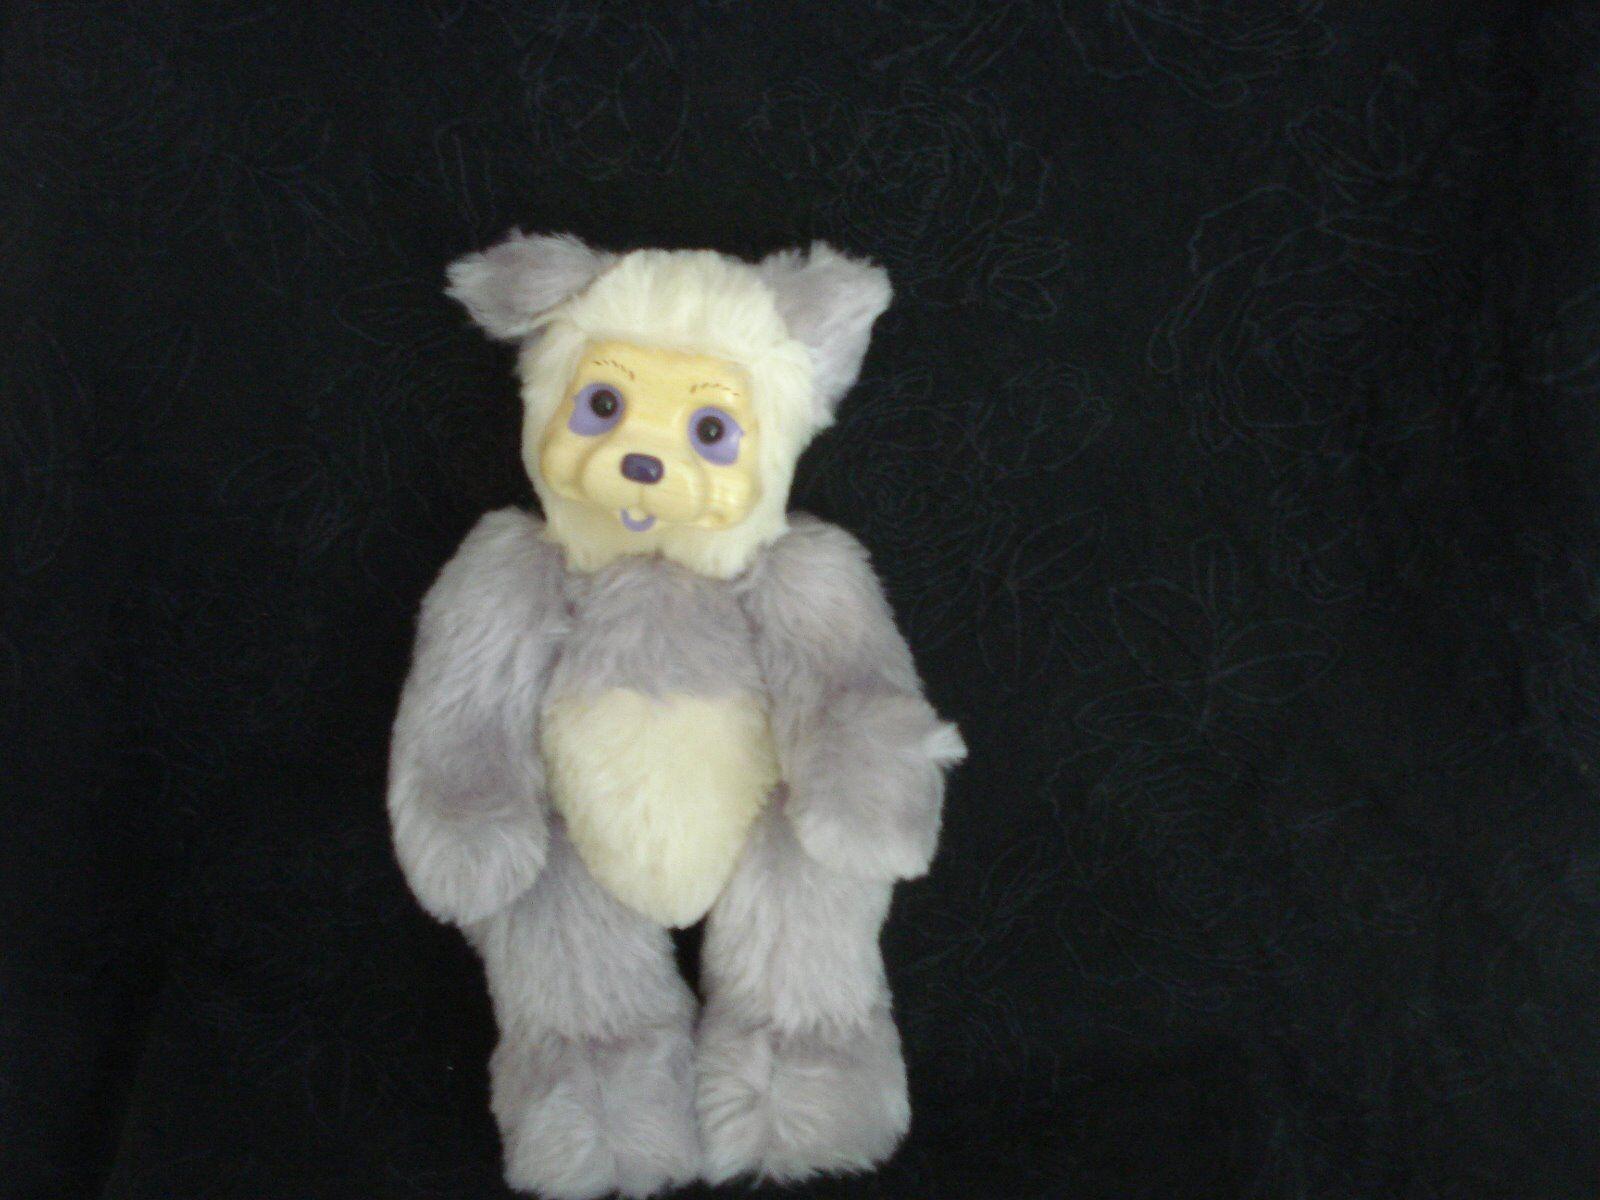 Nuovo in Scatola Firmato Robert Raikes 2000 Pastelle Panda  senza Scatola